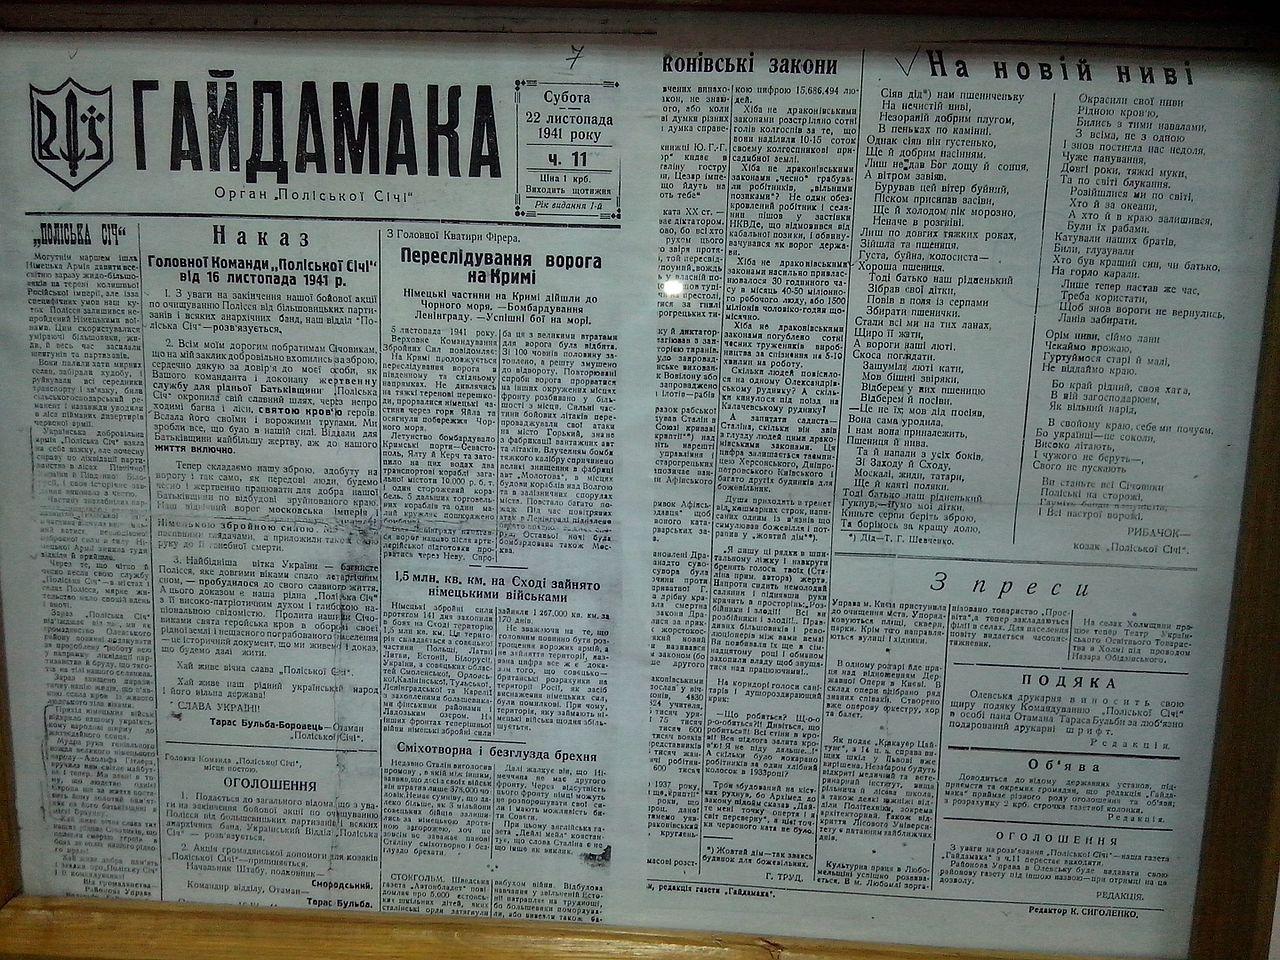 Gaidamaky gazeta.jpg